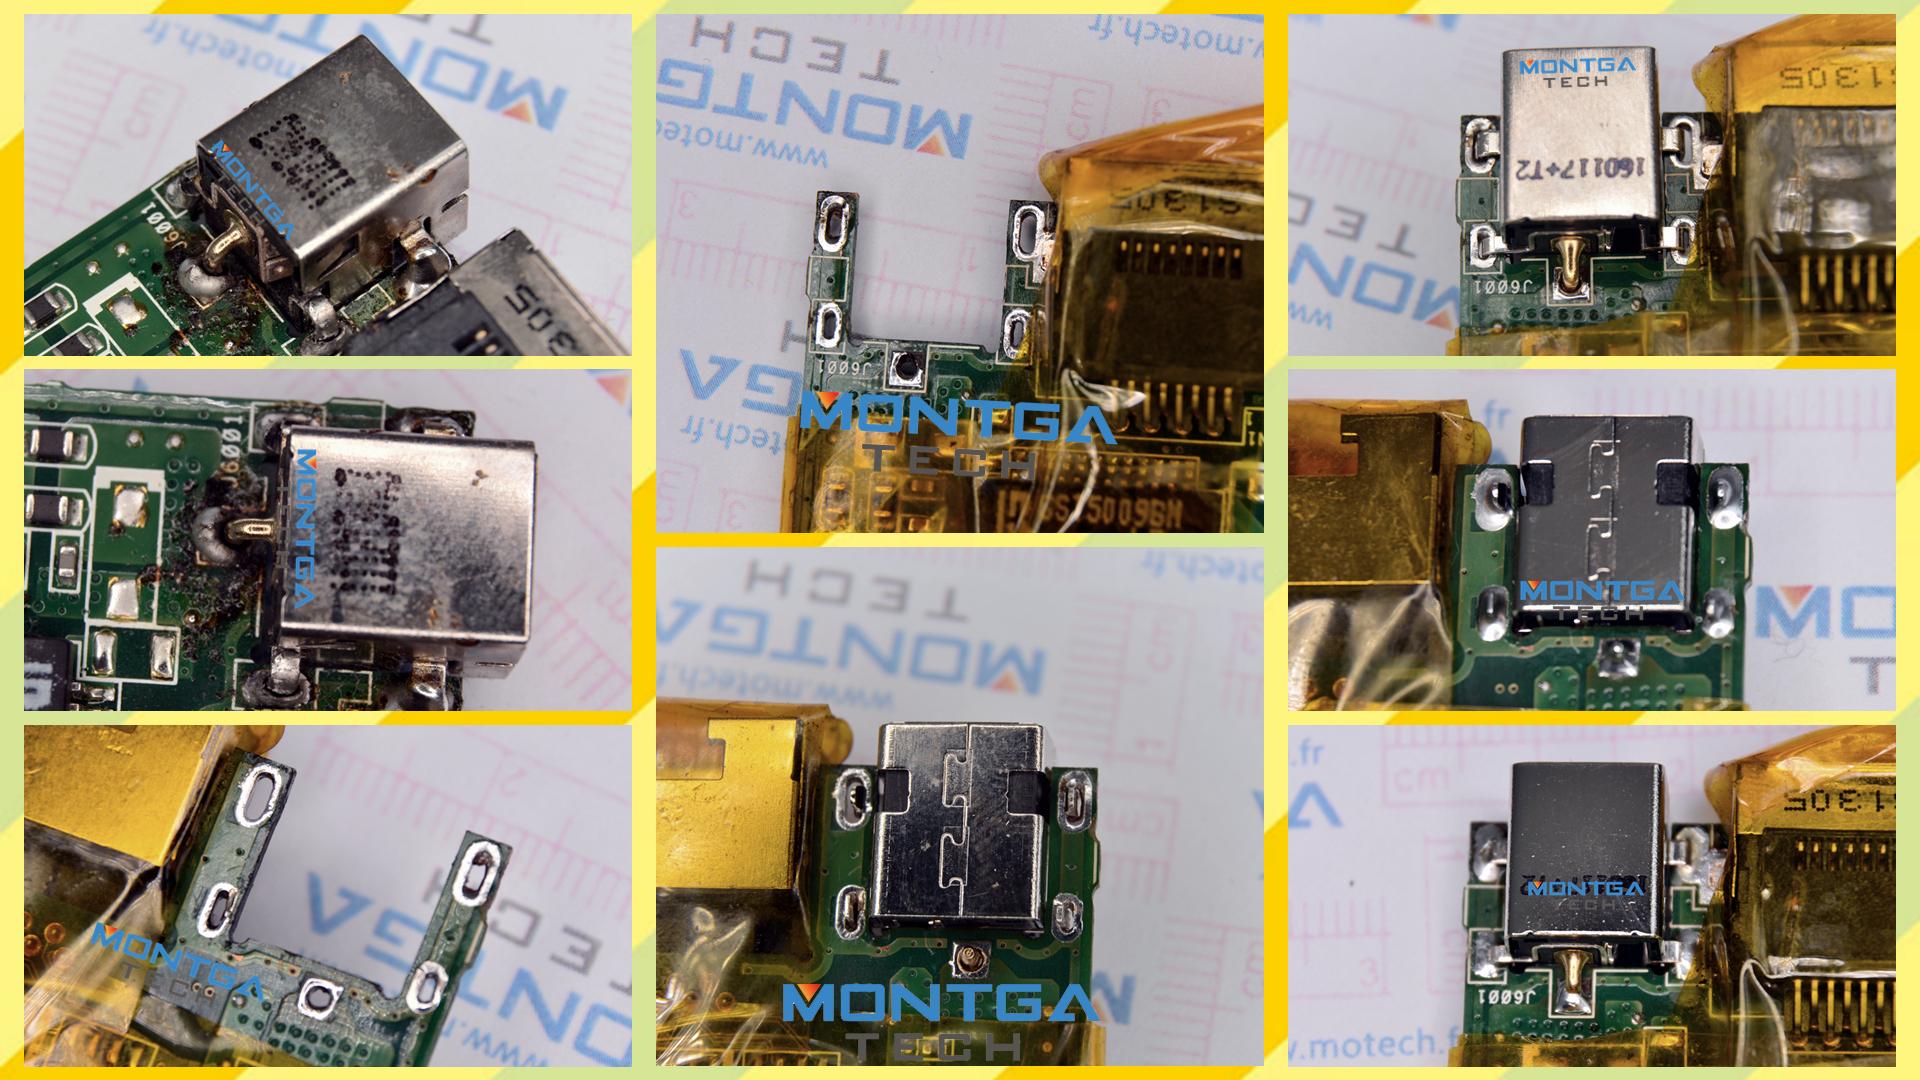 repair charging connector Asus K43BE, repair DC Power Jack Asus K43BE, repair Jack socket Asus K43BE, repair plug Asus K43BE, repair DC Alimantation Asus K43BE, replace charging connector Asus K43BE, replace DC Power Jack Asus K43BE, replace Jack socket Asus K43BE, replace plug Asus K43BE, replace DC Alimantation Asus K43BE,